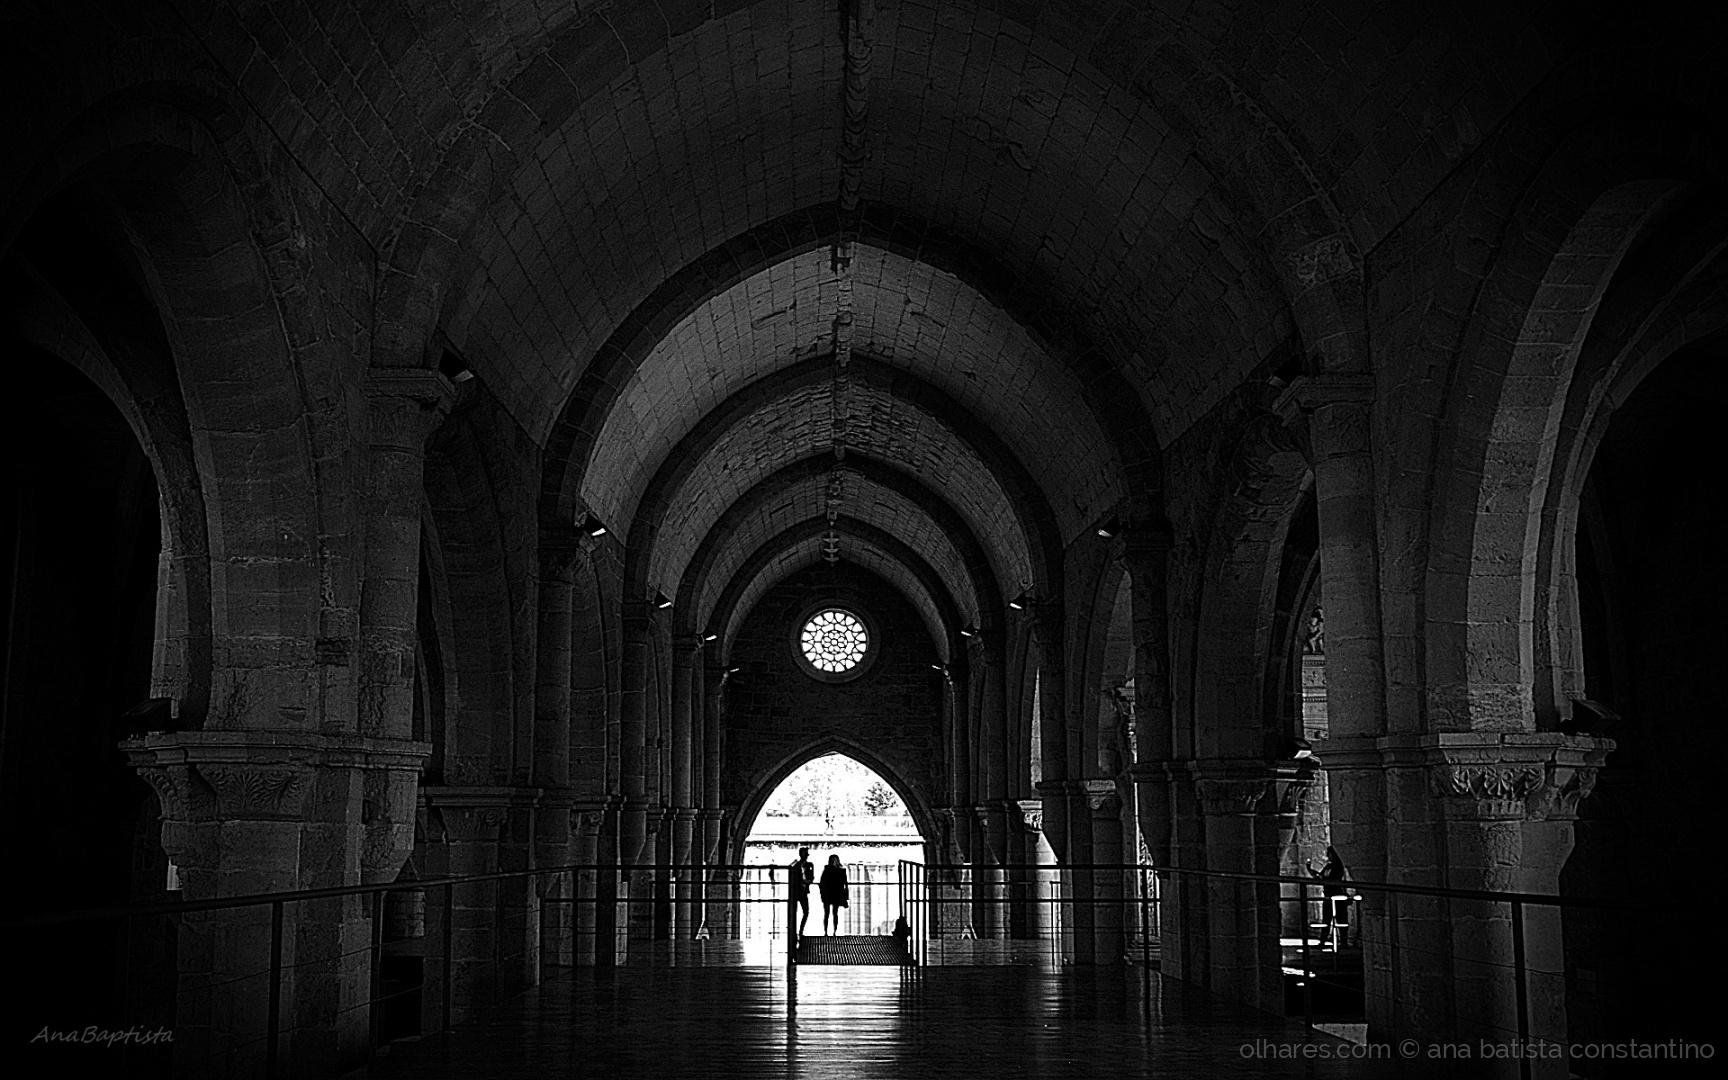 Arquitetura/Arcos da Fé